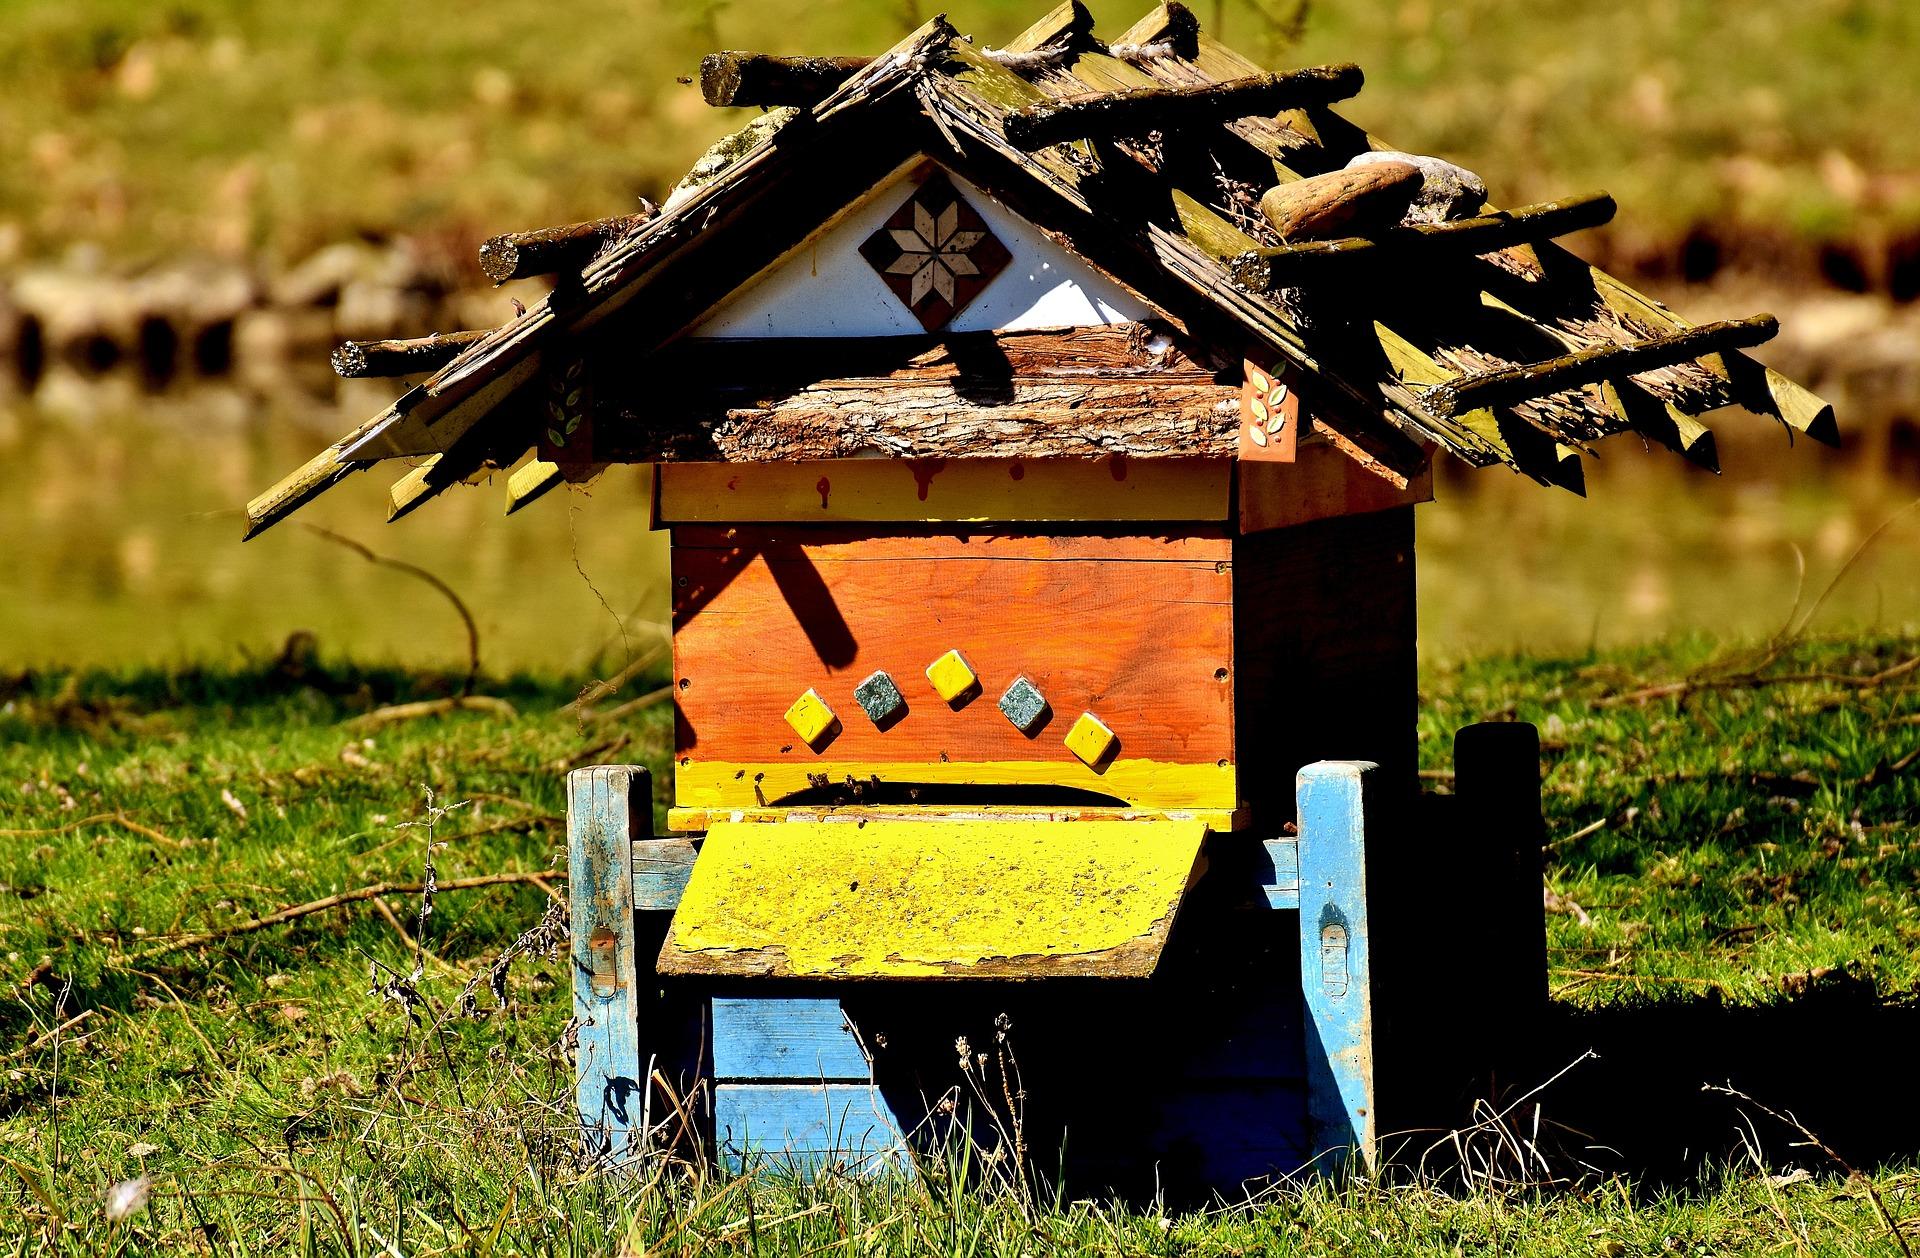 Les impressionnants chiffres de la ruche : bilan annuel de la colonie